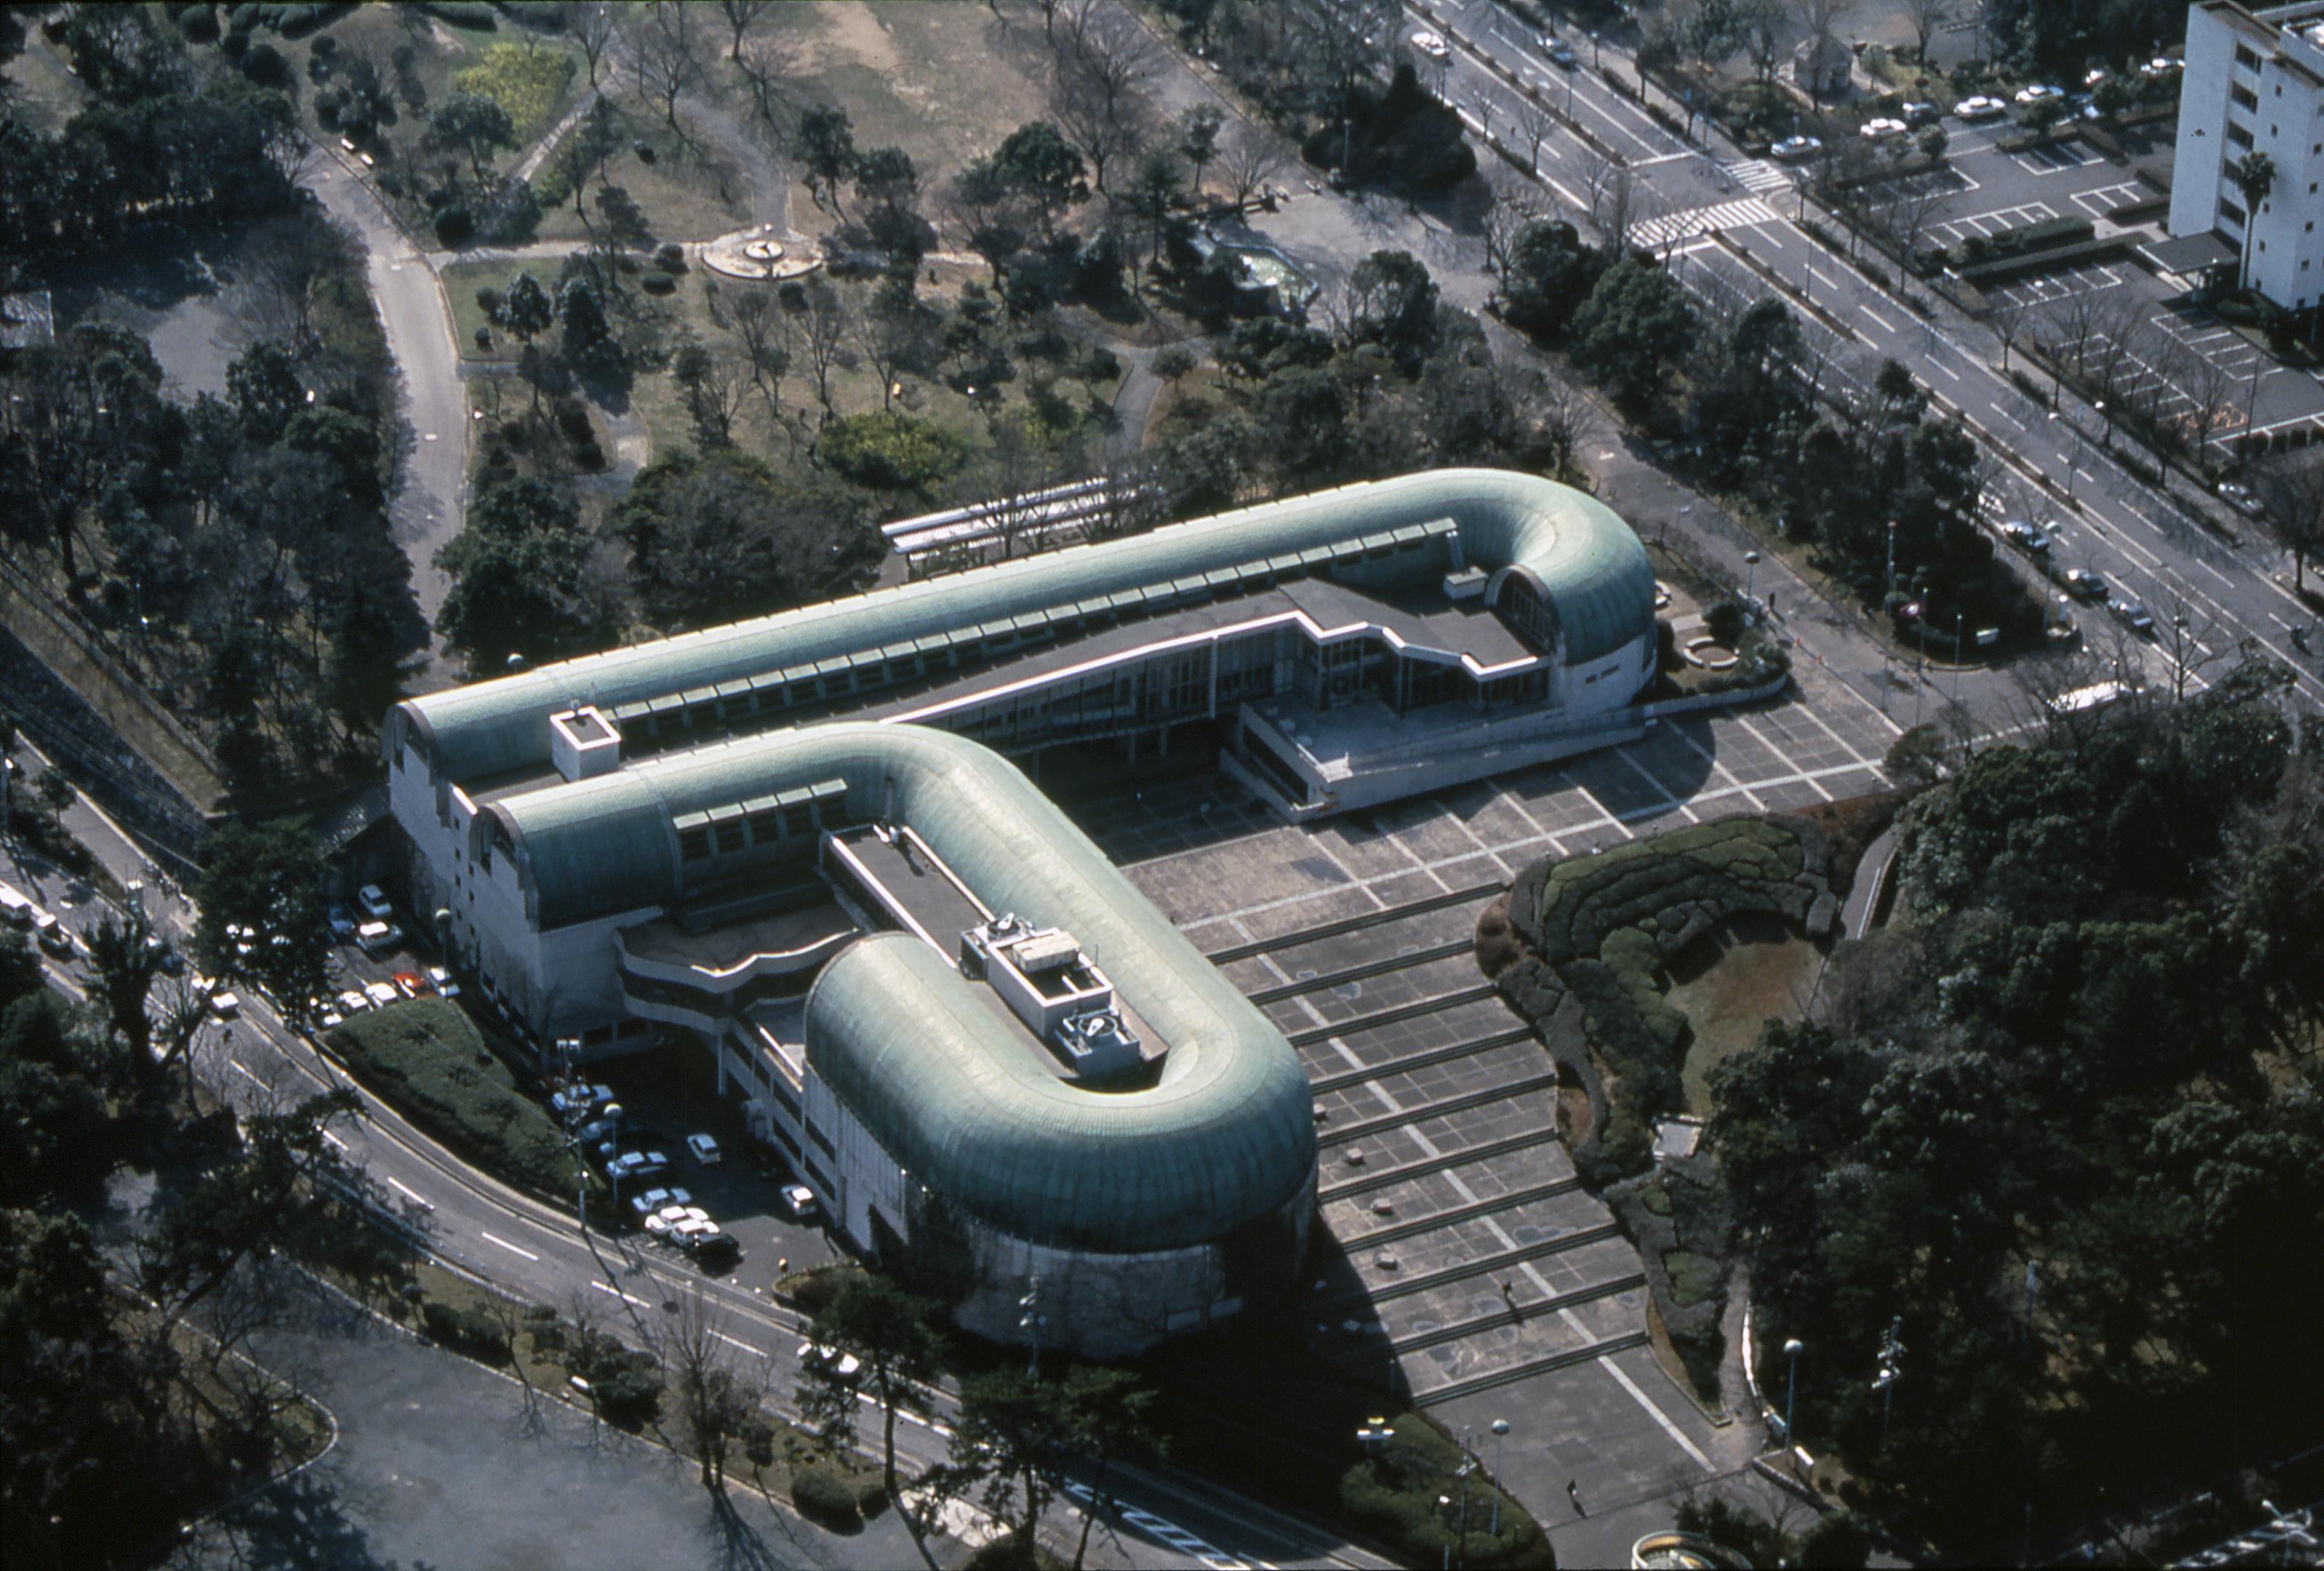 Biblioteca Central de Kitakyushu, Japón. Esta impresionante estructura fue construida en la ciudad natal del arquitecto, en 1966.